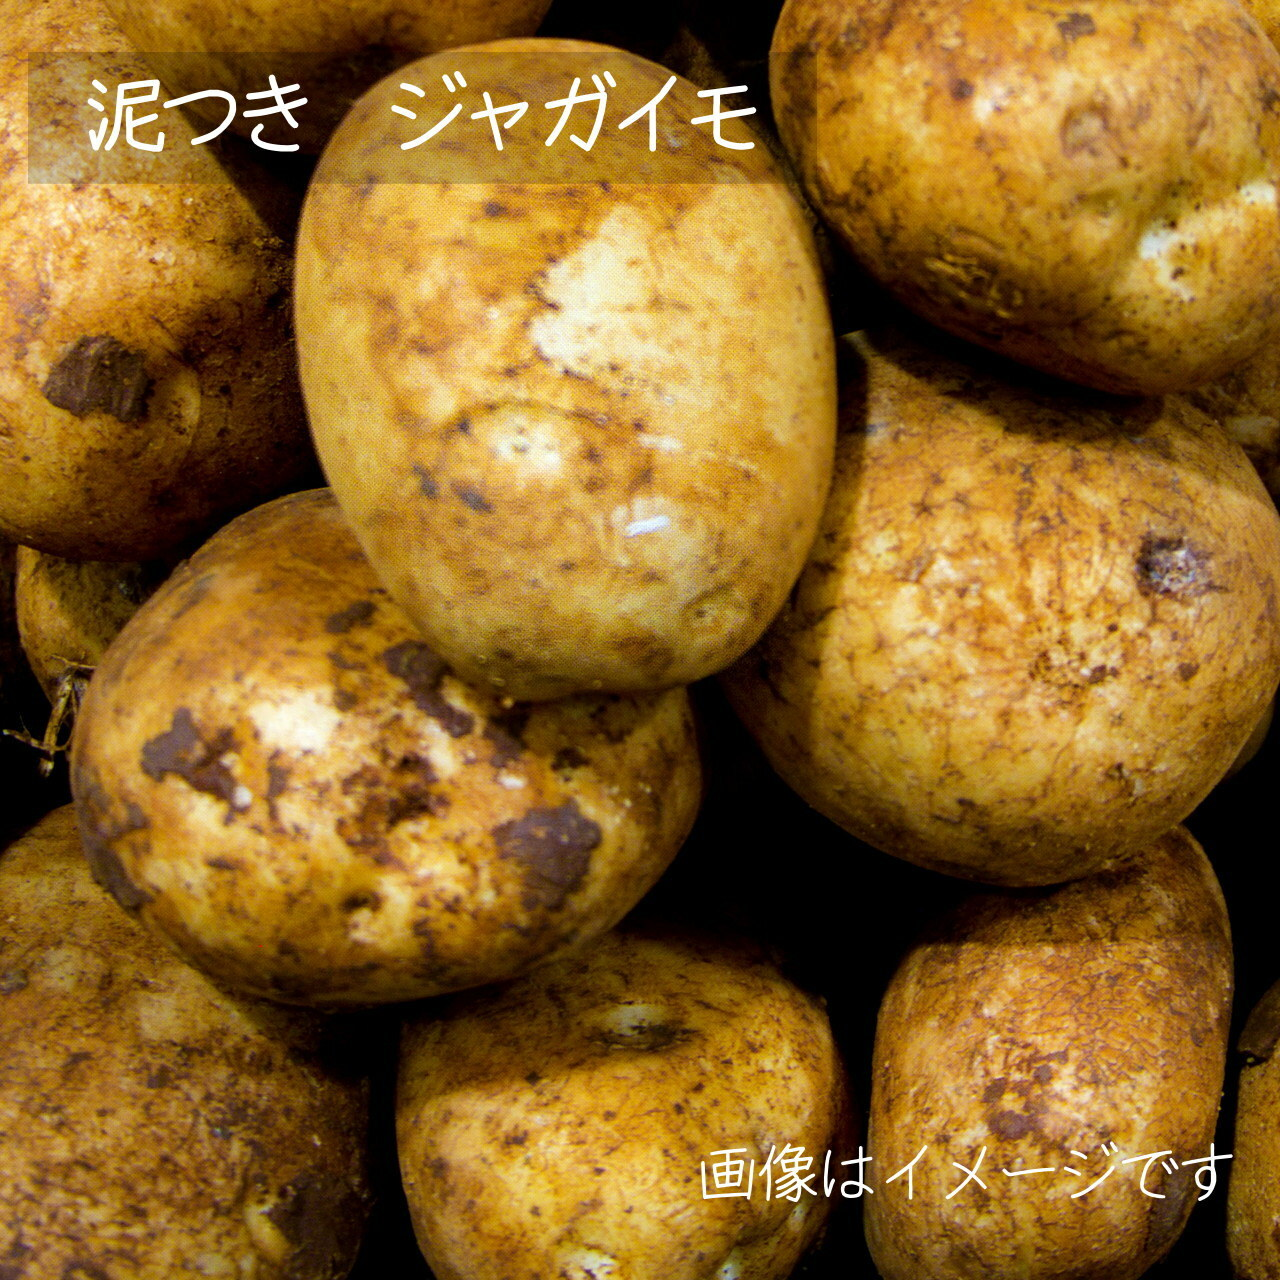 11月の朝採り直売野菜 : ジャガイモ 約600g 新鮮な冬野菜 11月23日発送予定